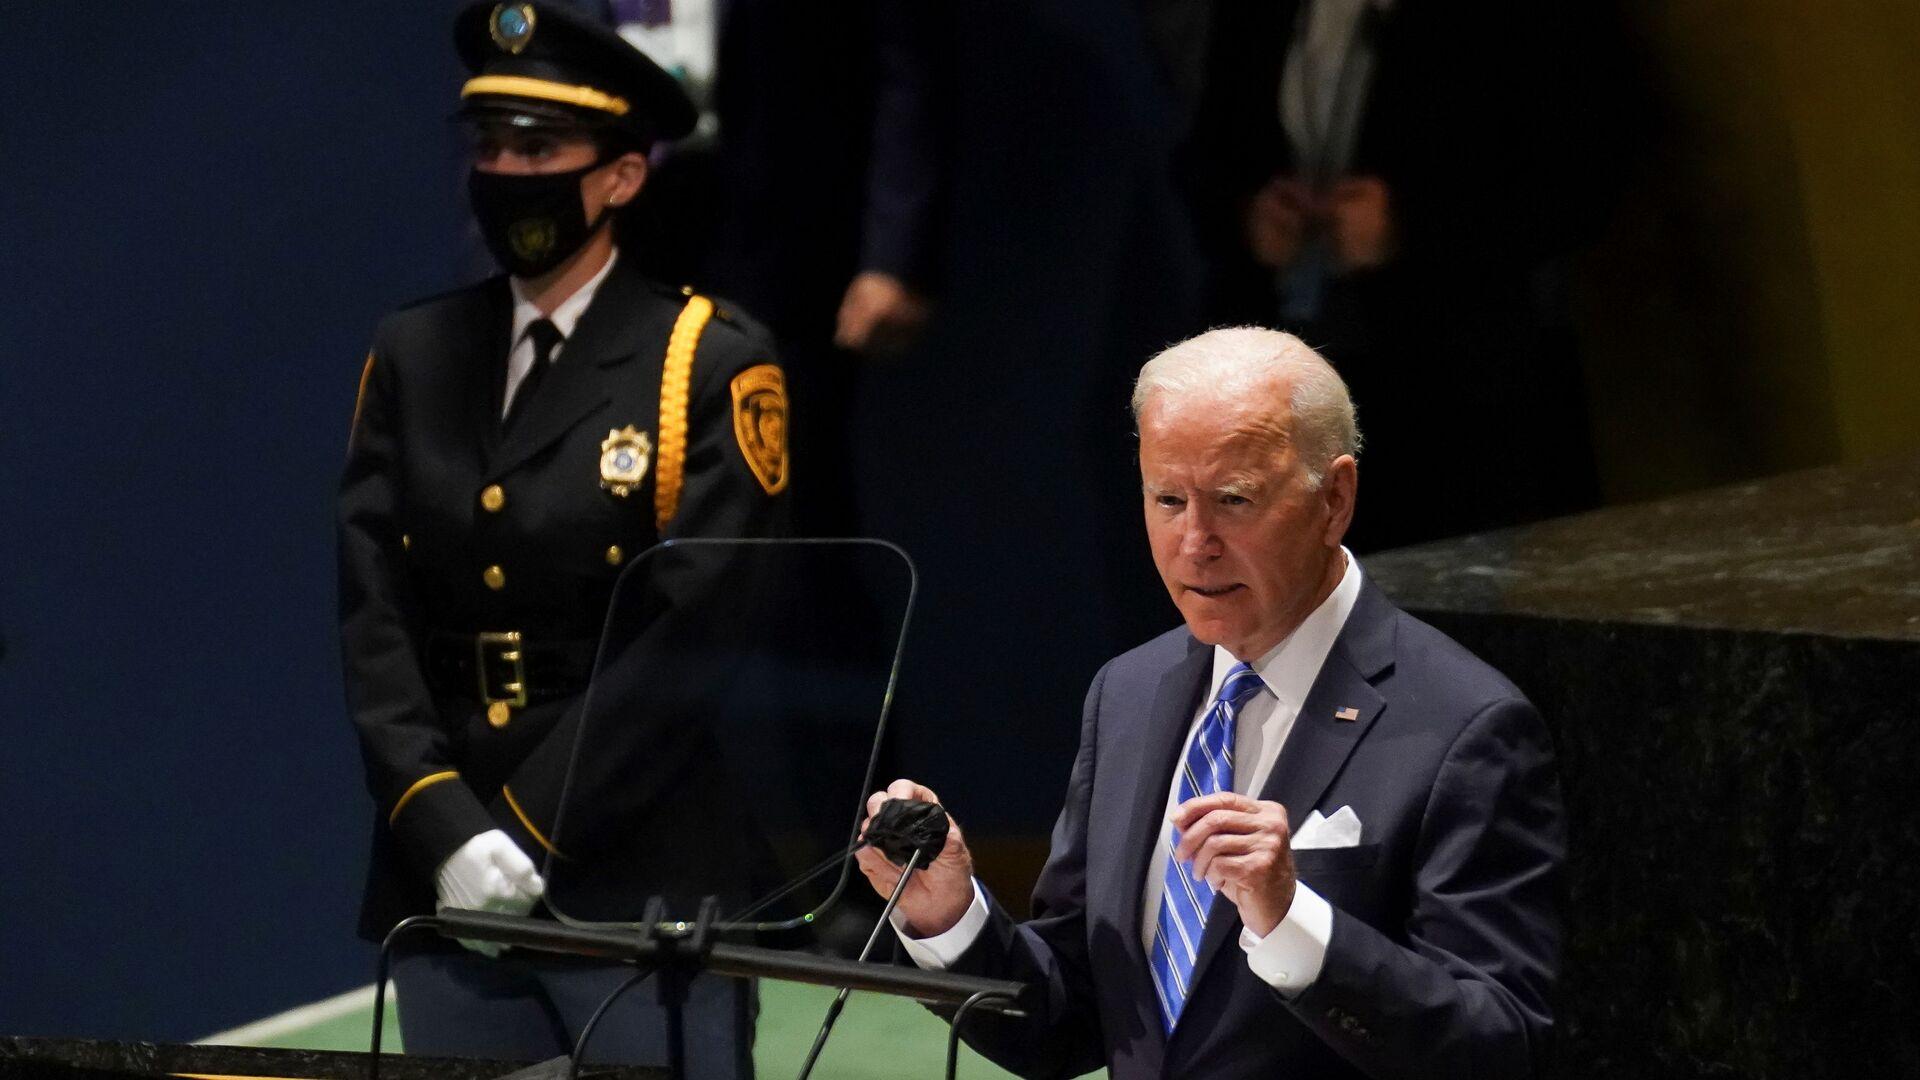 Joe Biden alla 76° sessione annuale dell'Assemblea generale delle Nazioni Unite - Sputnik Italia, 1920, 21.09.2021